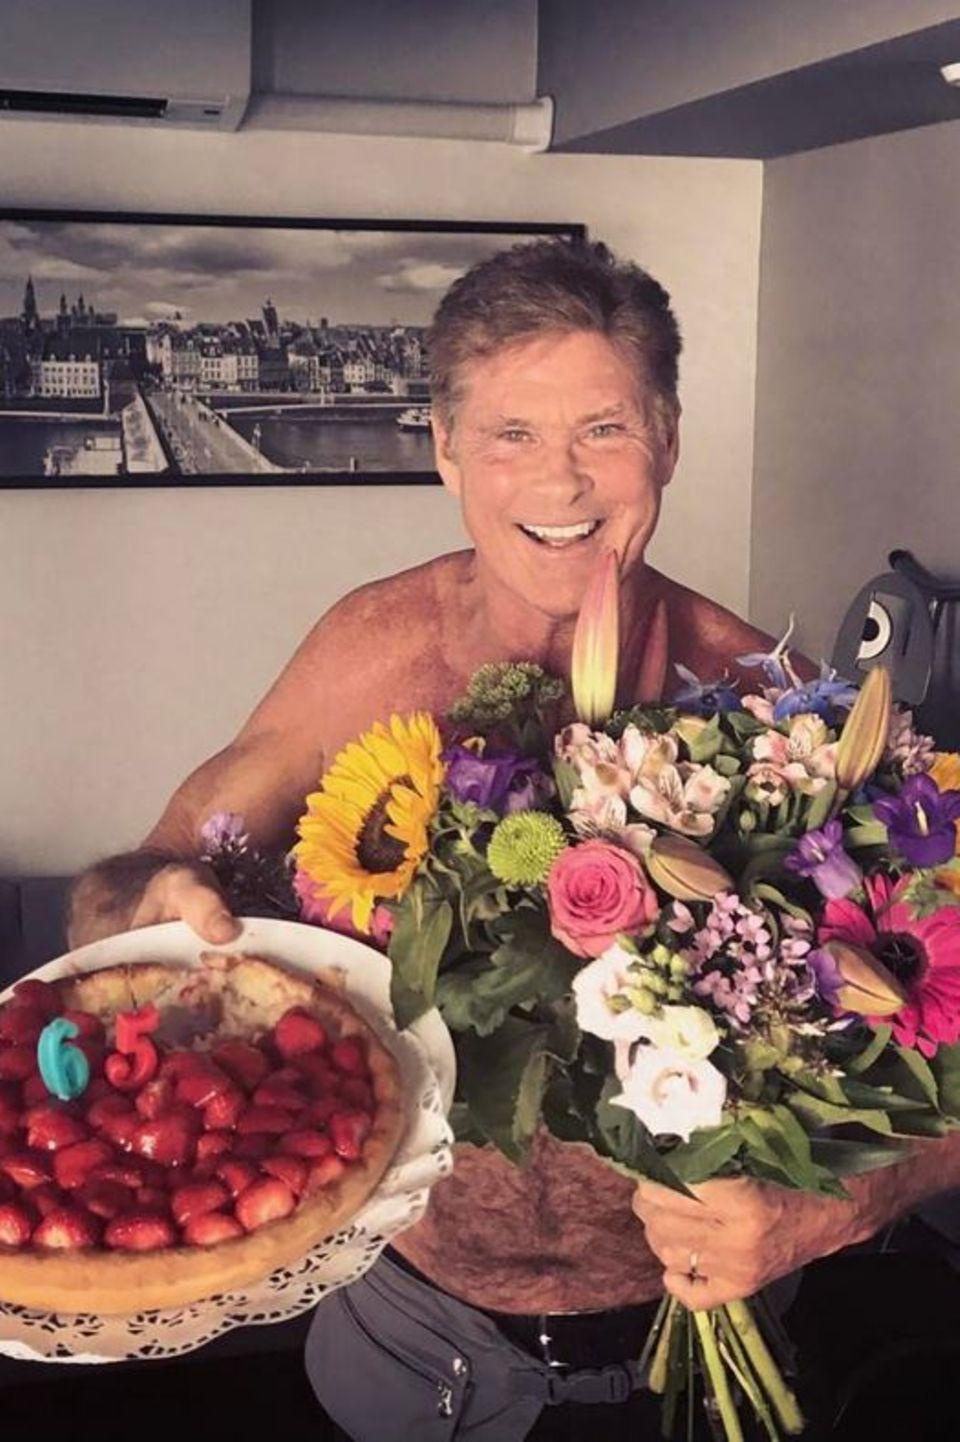 17. Juli 2017  Unglaublich wie die Zeit vergeht: David Hasselhoff feiert bereits seinen 65. Geburtstag und freut sich an diesem Tag über eine Erbeertorte und einen großen Strauß Blumen.